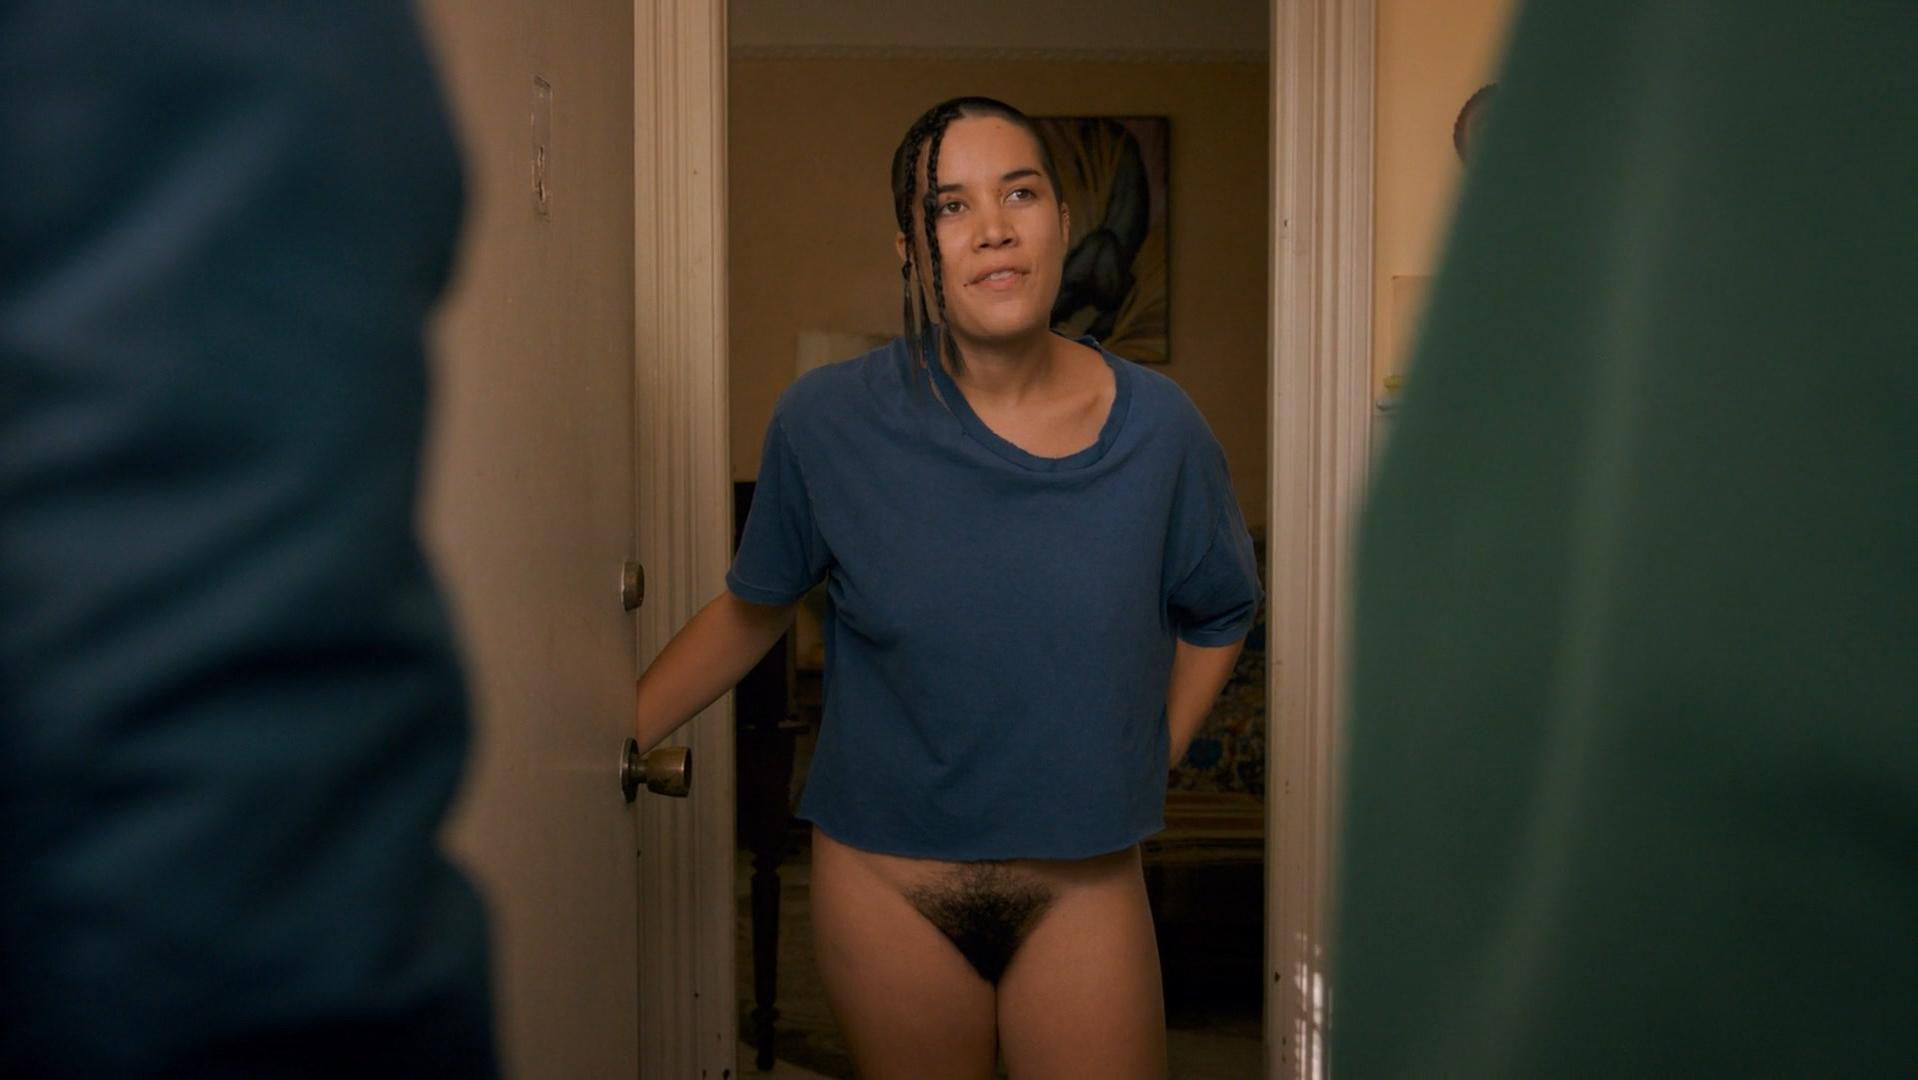 Clare O'Kane nude - Budding Prospects (2017)